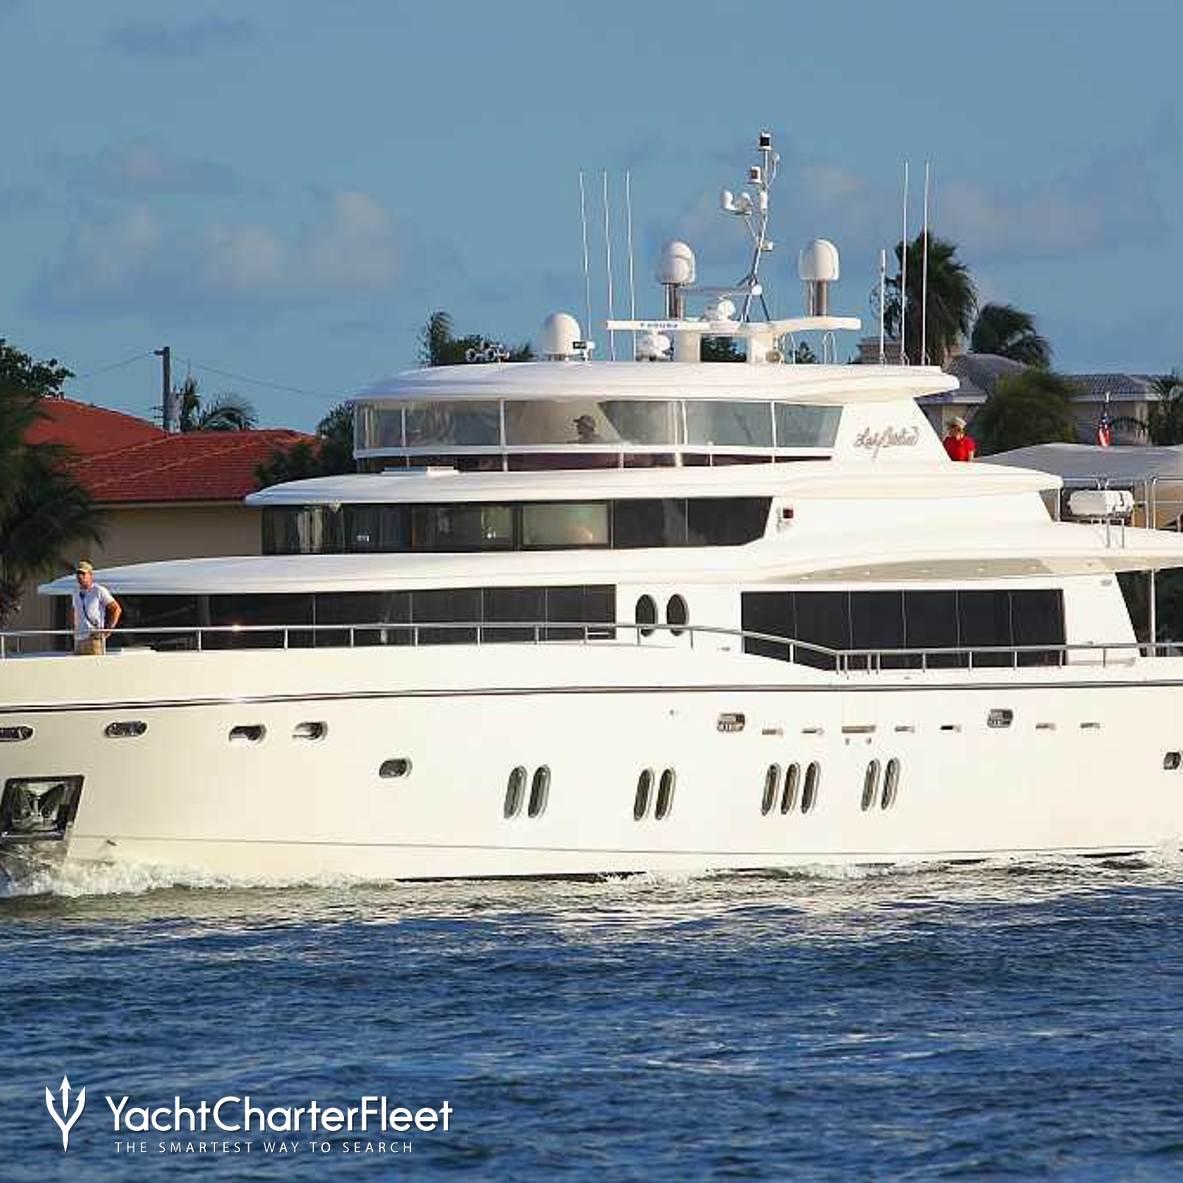 TROUBADOUR Yacht Photos - Johnson Yachts | Yacht Charter Fleet